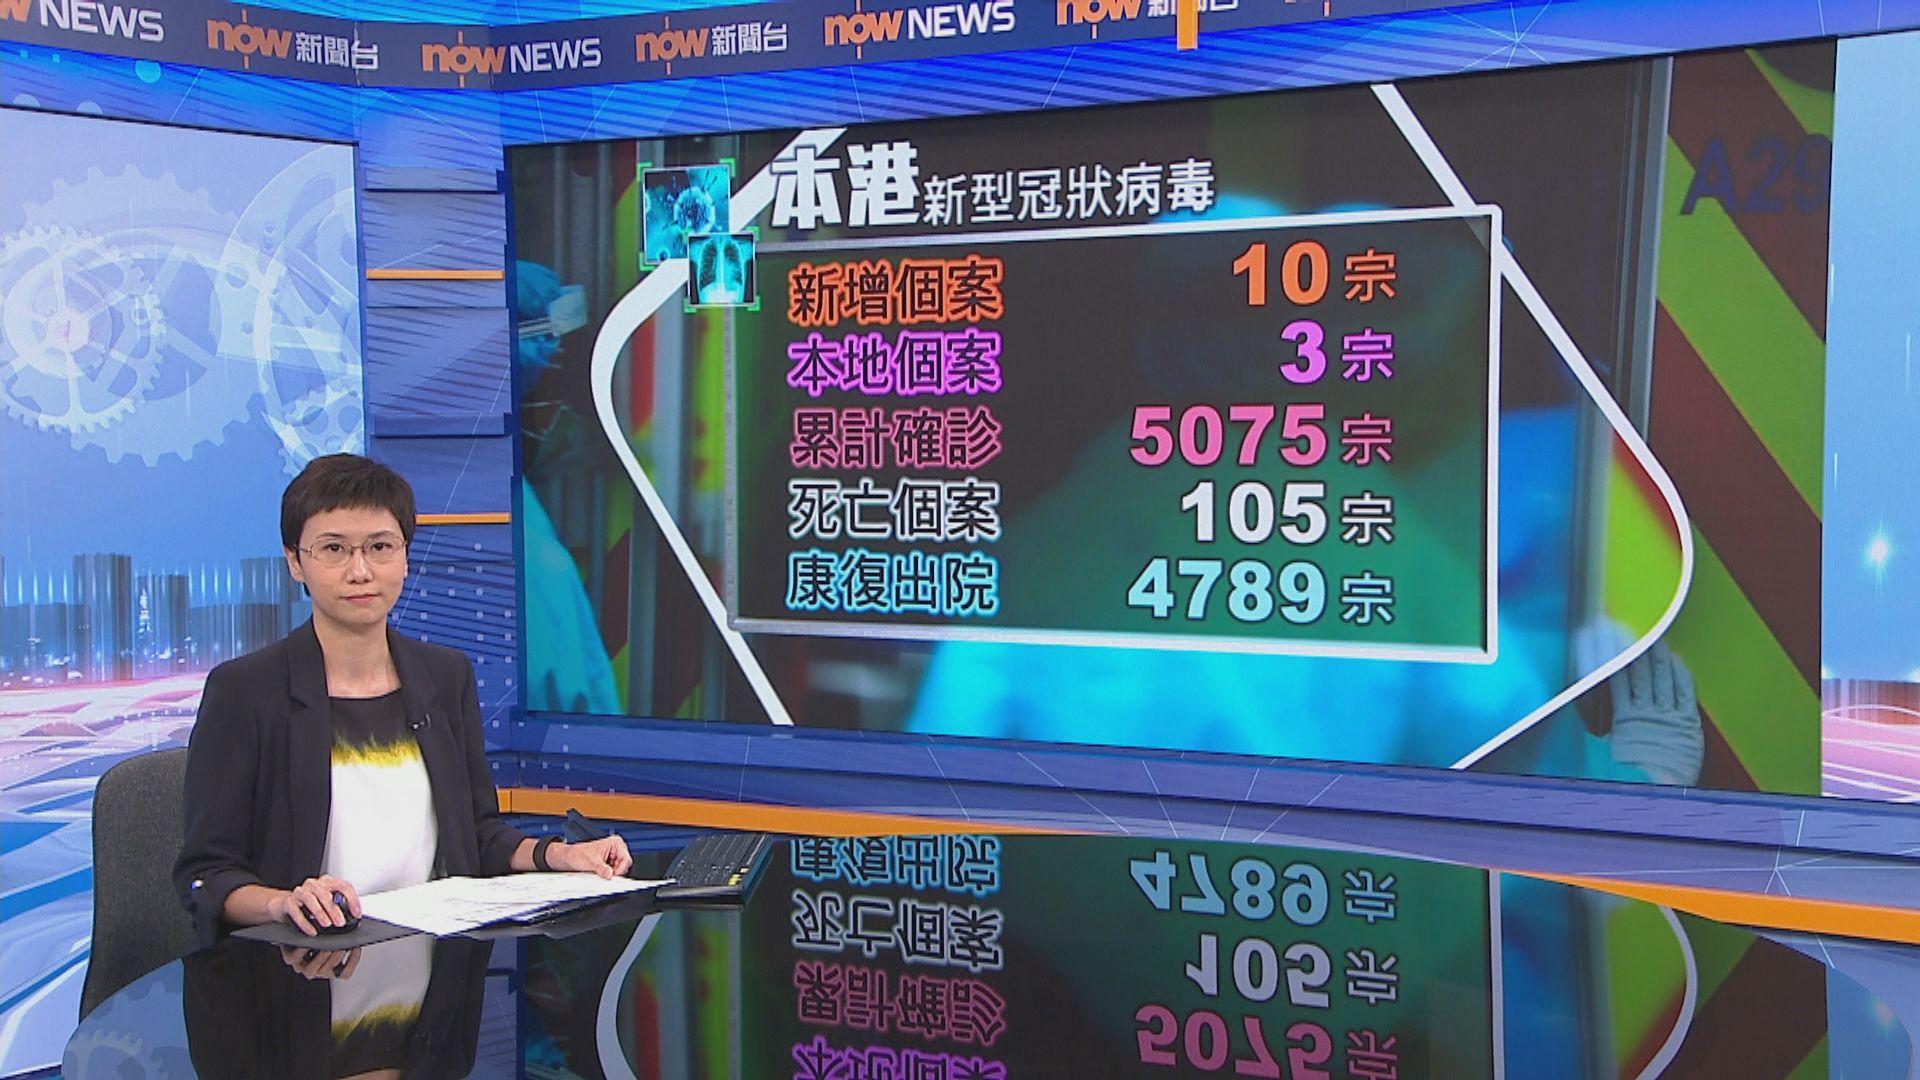 本港增10宗確診 包括7宗輸入及3宗本地感染